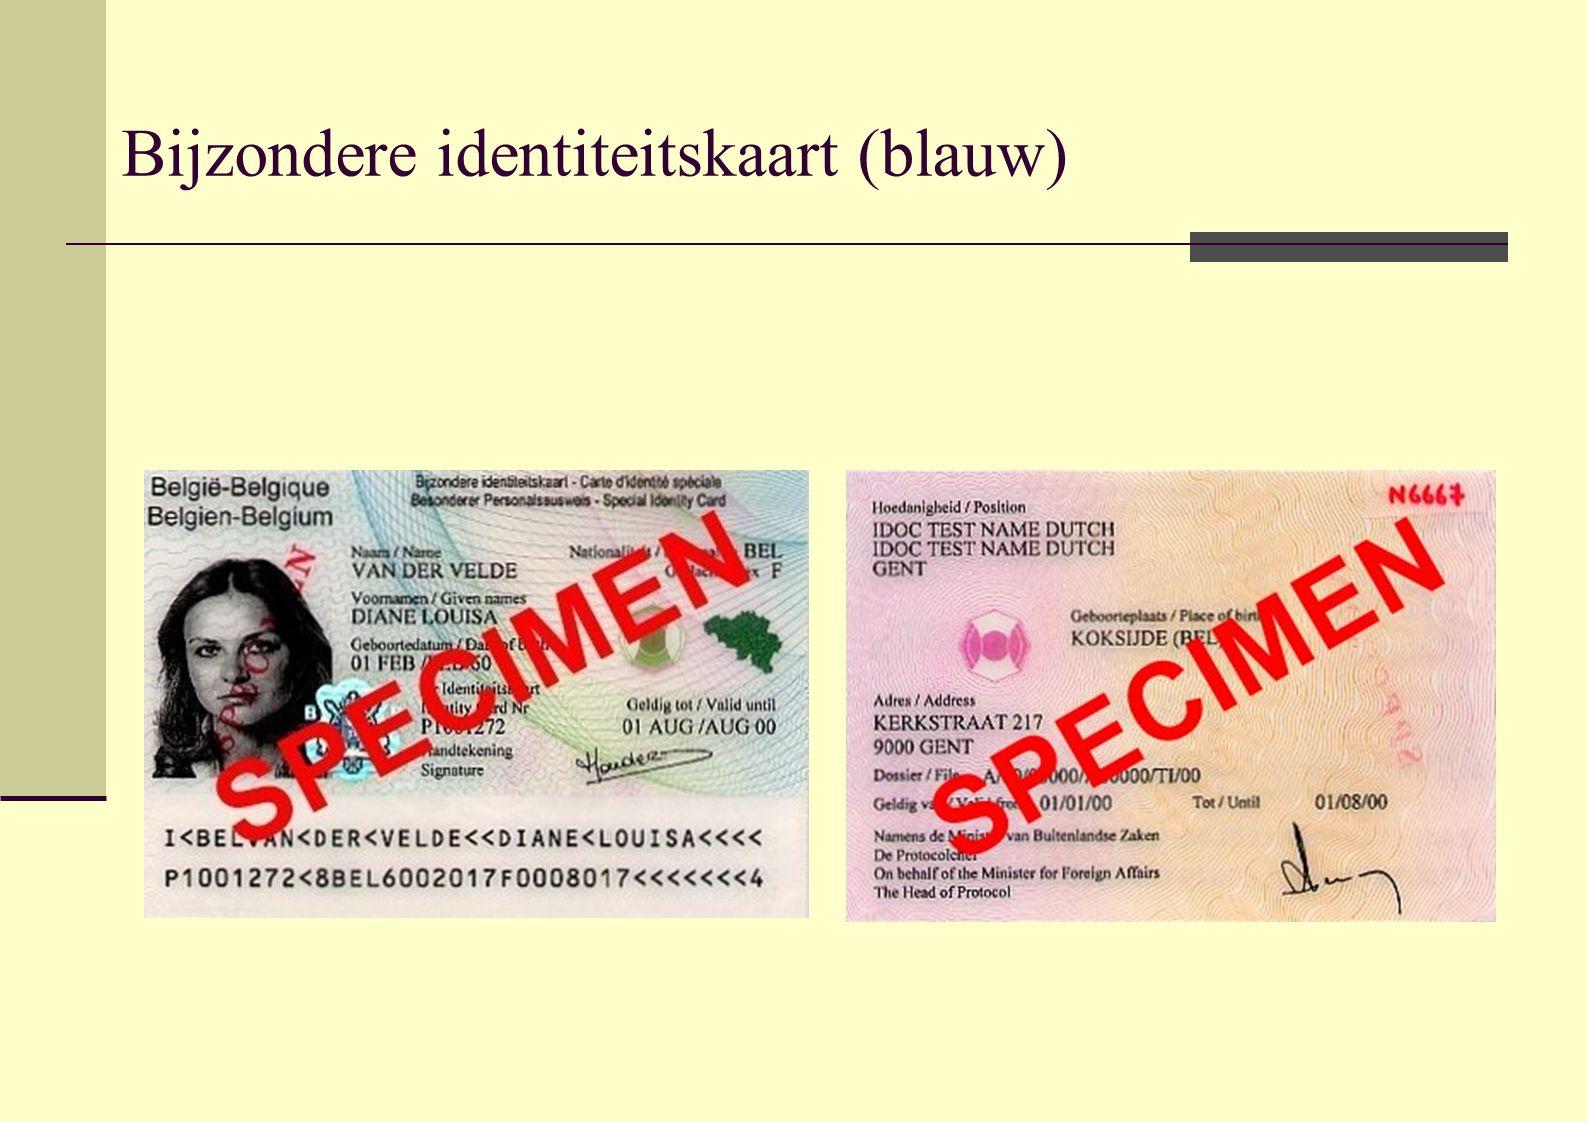 Bijzondere identiteitskaart (blauw)